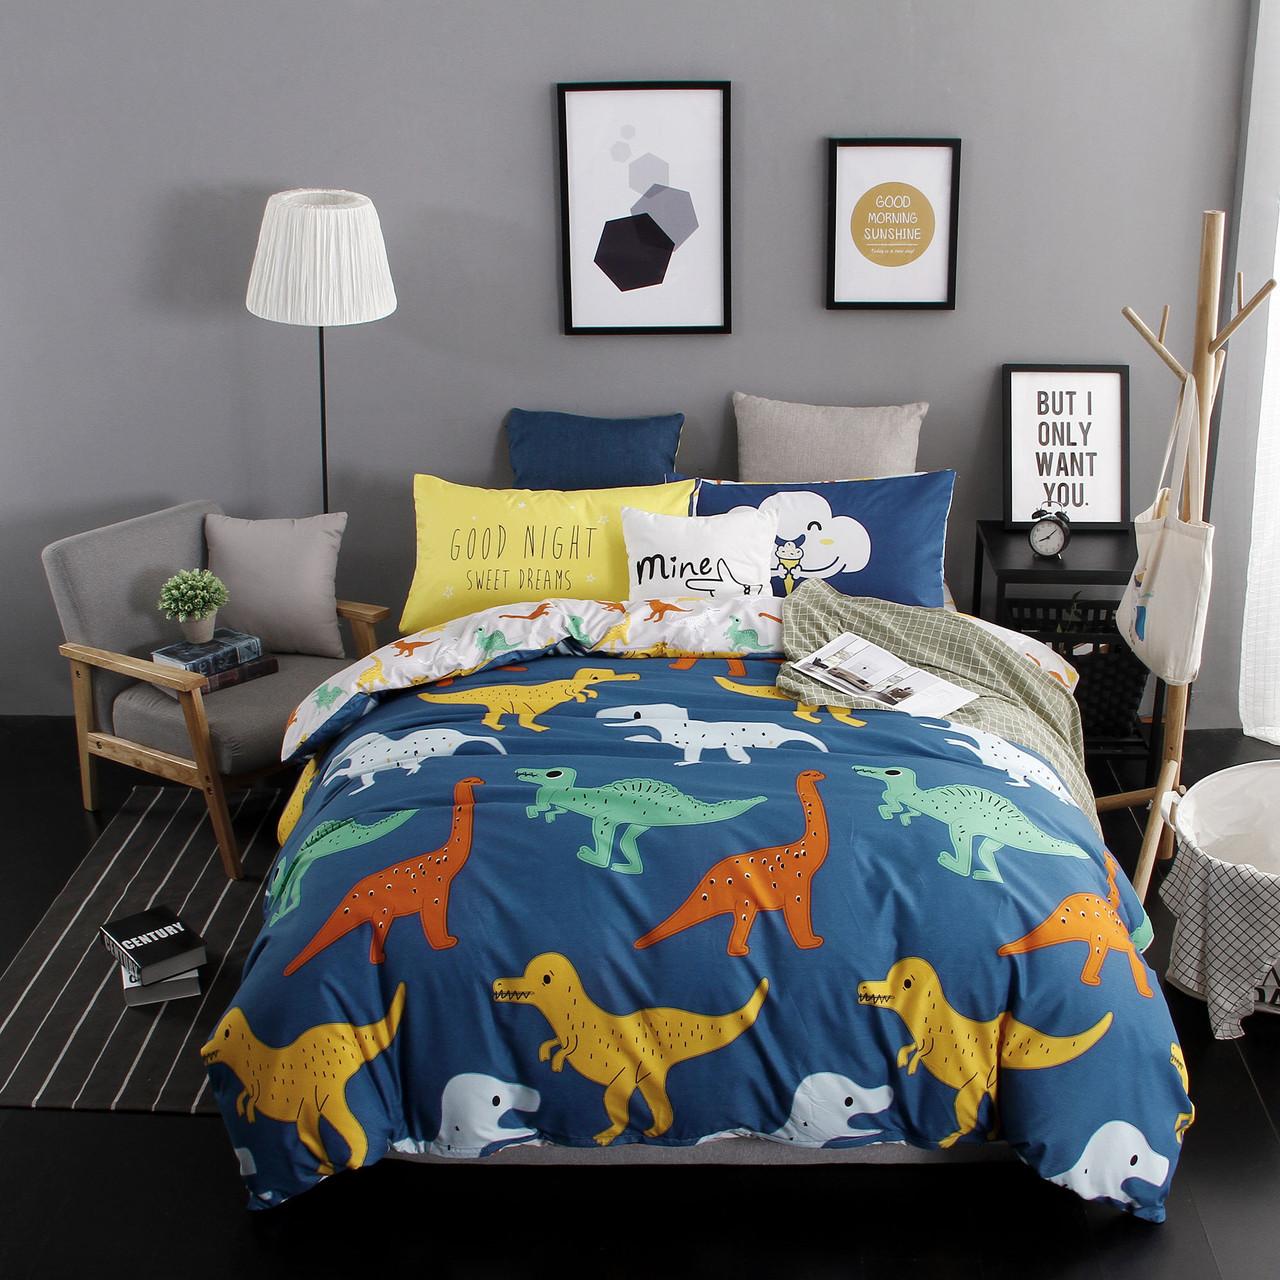 Комплект постельного белья для мальчика Динозавры (полуторный, простынь на резинке)